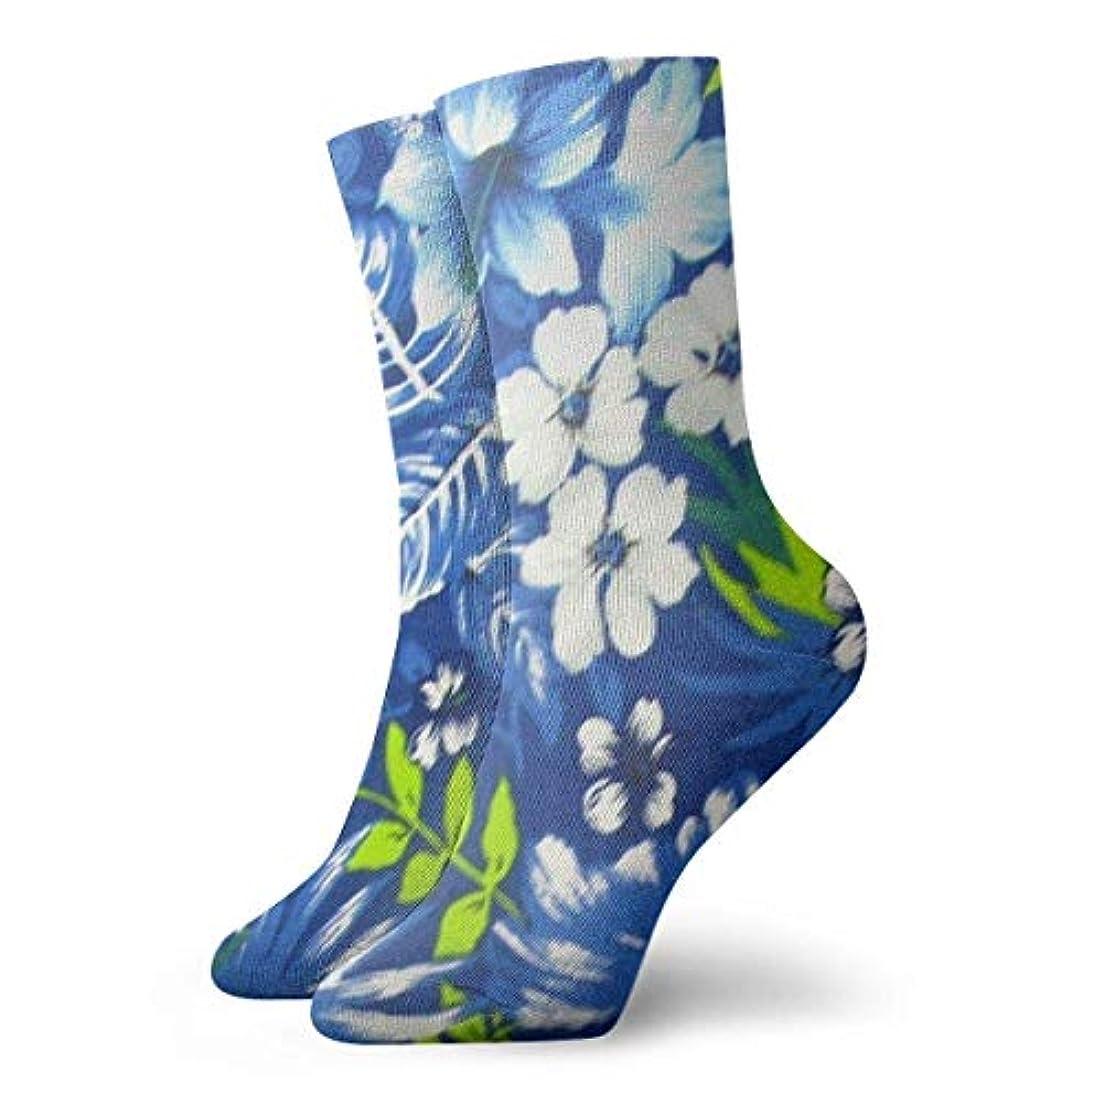 等しい靴下見せますqrriyメンズハワイロイヤルブルーソフトストレッチクリスマスホリデークールカジュアルドレスソックス、カジュアルクルースリッパソックス、デザイン